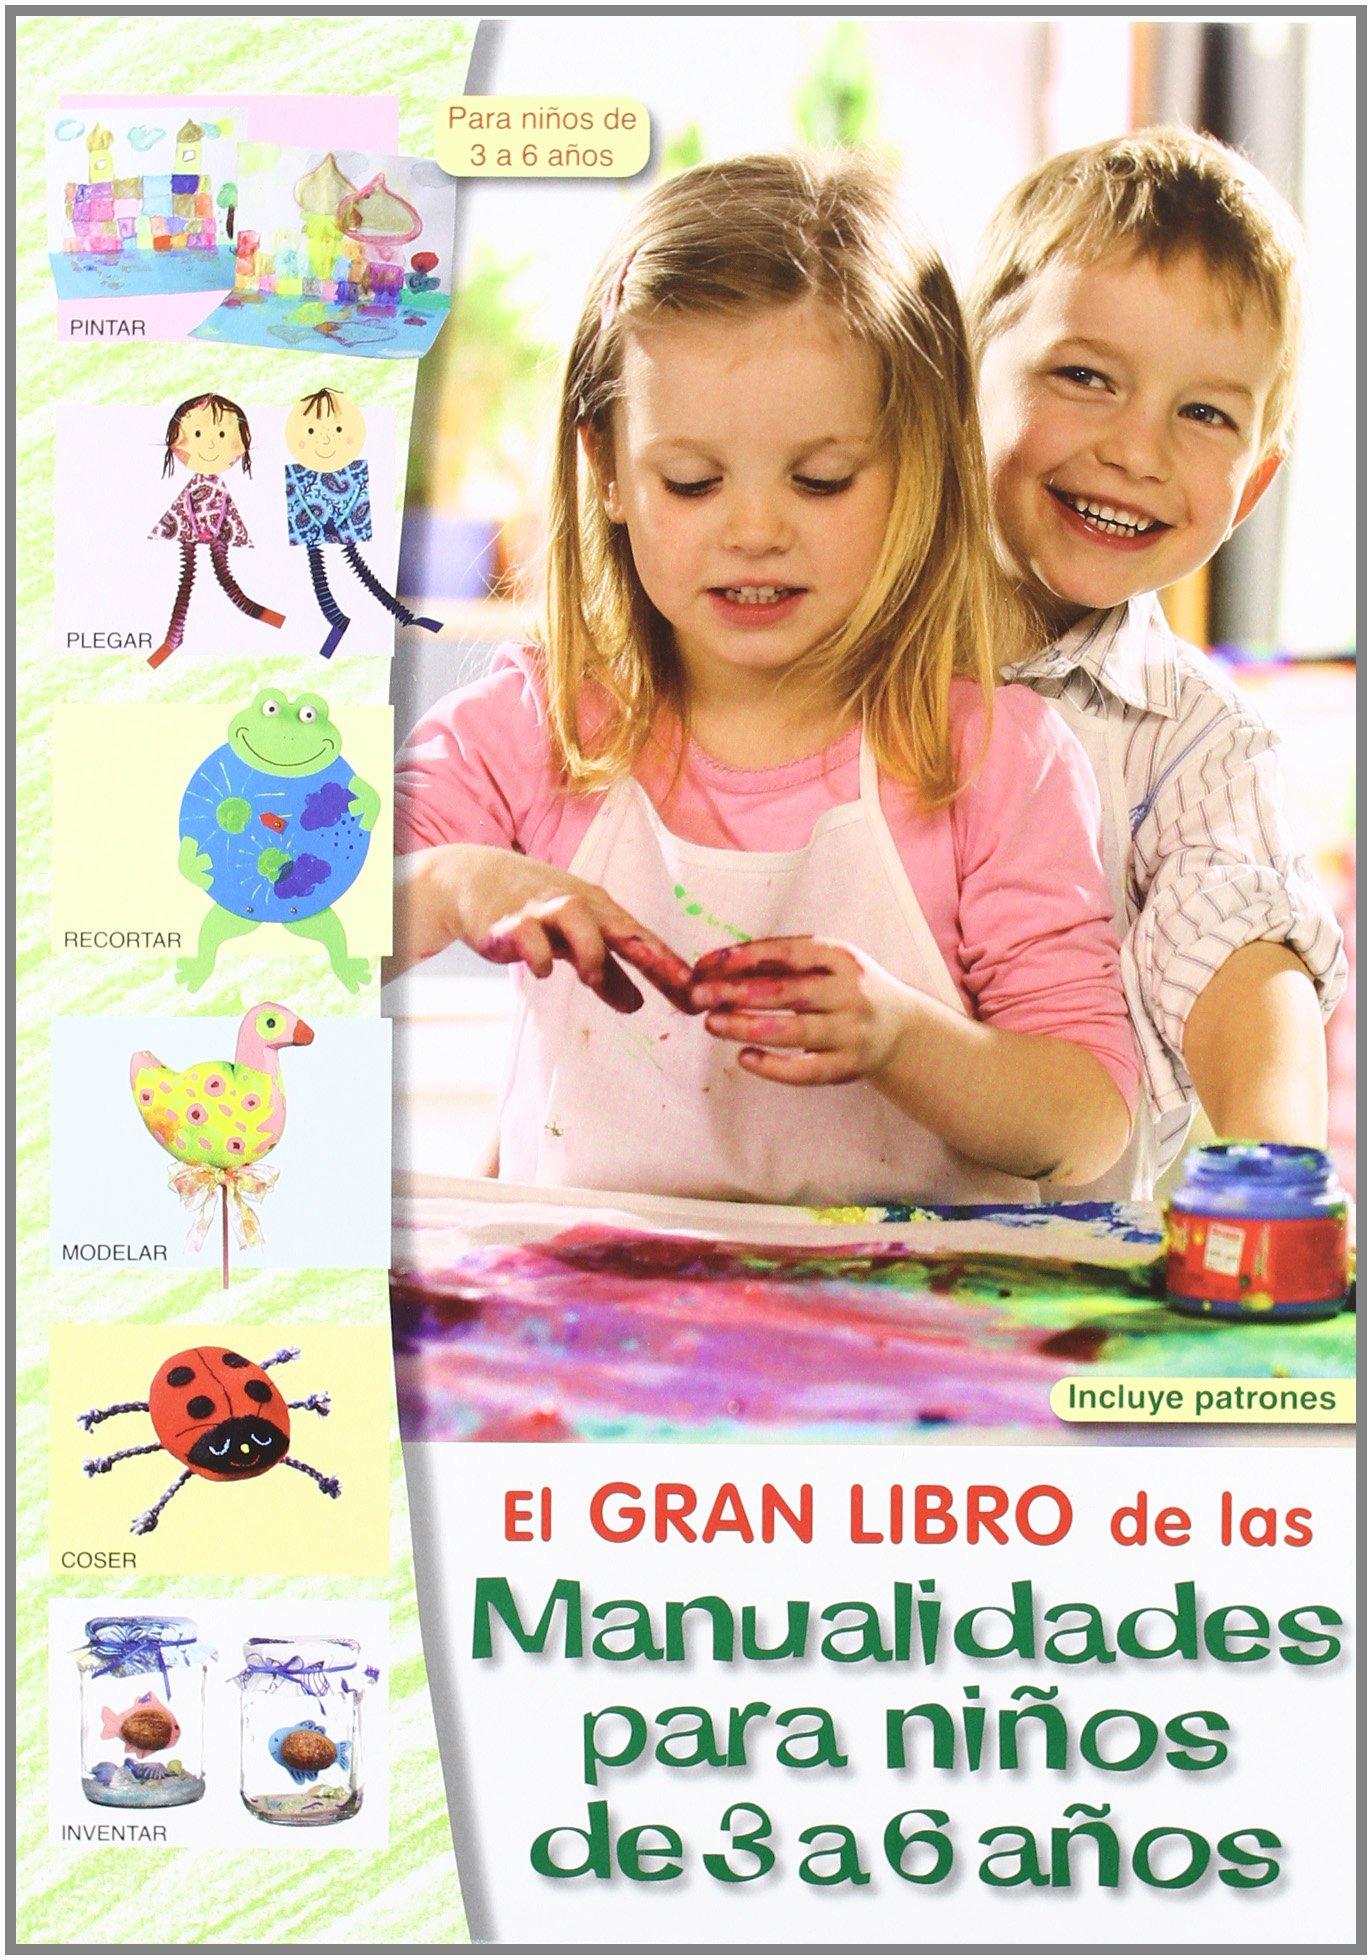 El Gran Libro De Las Manualidades Para Niños De 3 A 6 Años Amazon